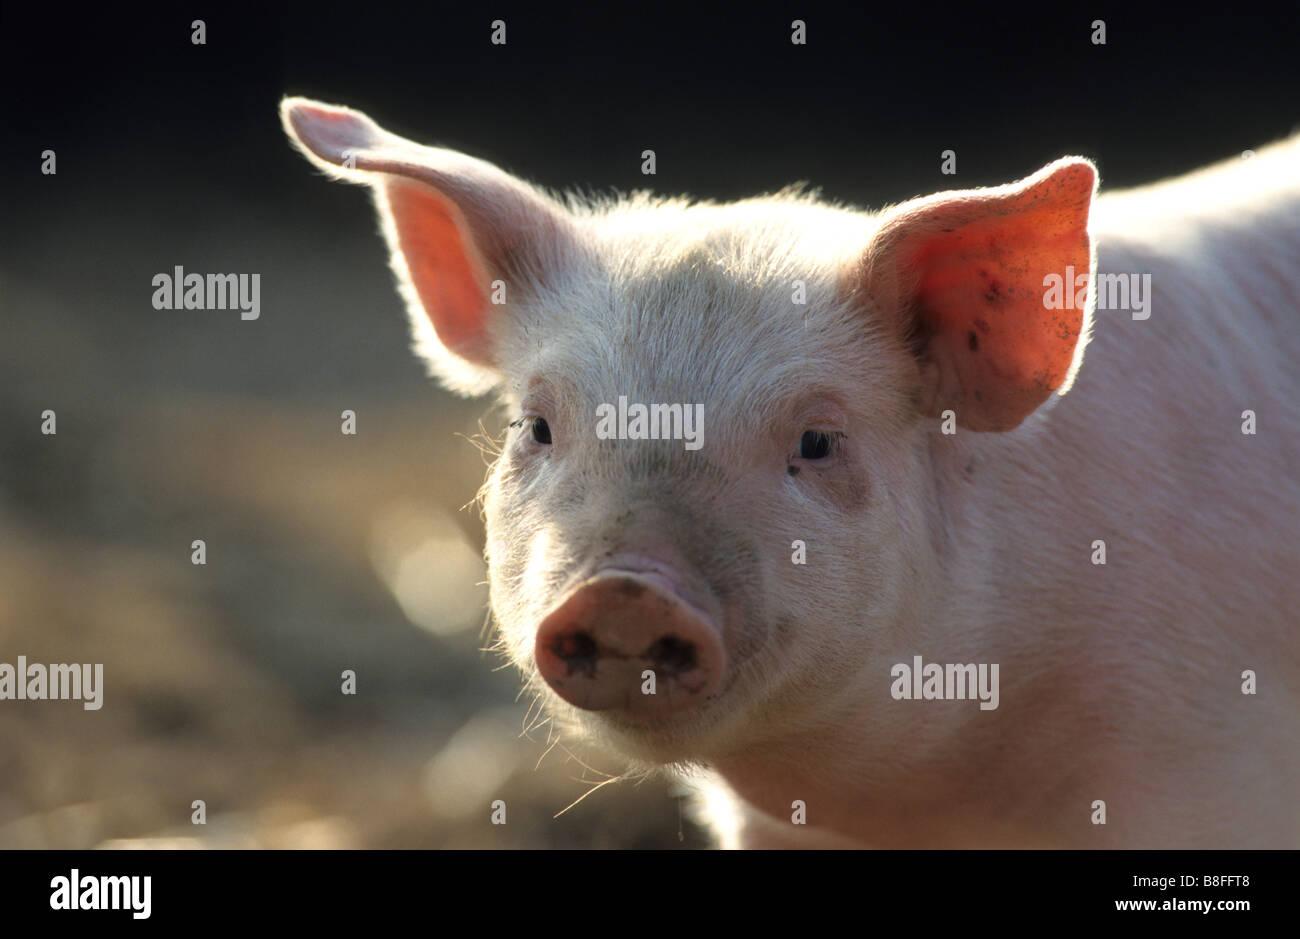 Hausschwein (Sus Scrofa Domestica), Ferkel, portrait Stockbild